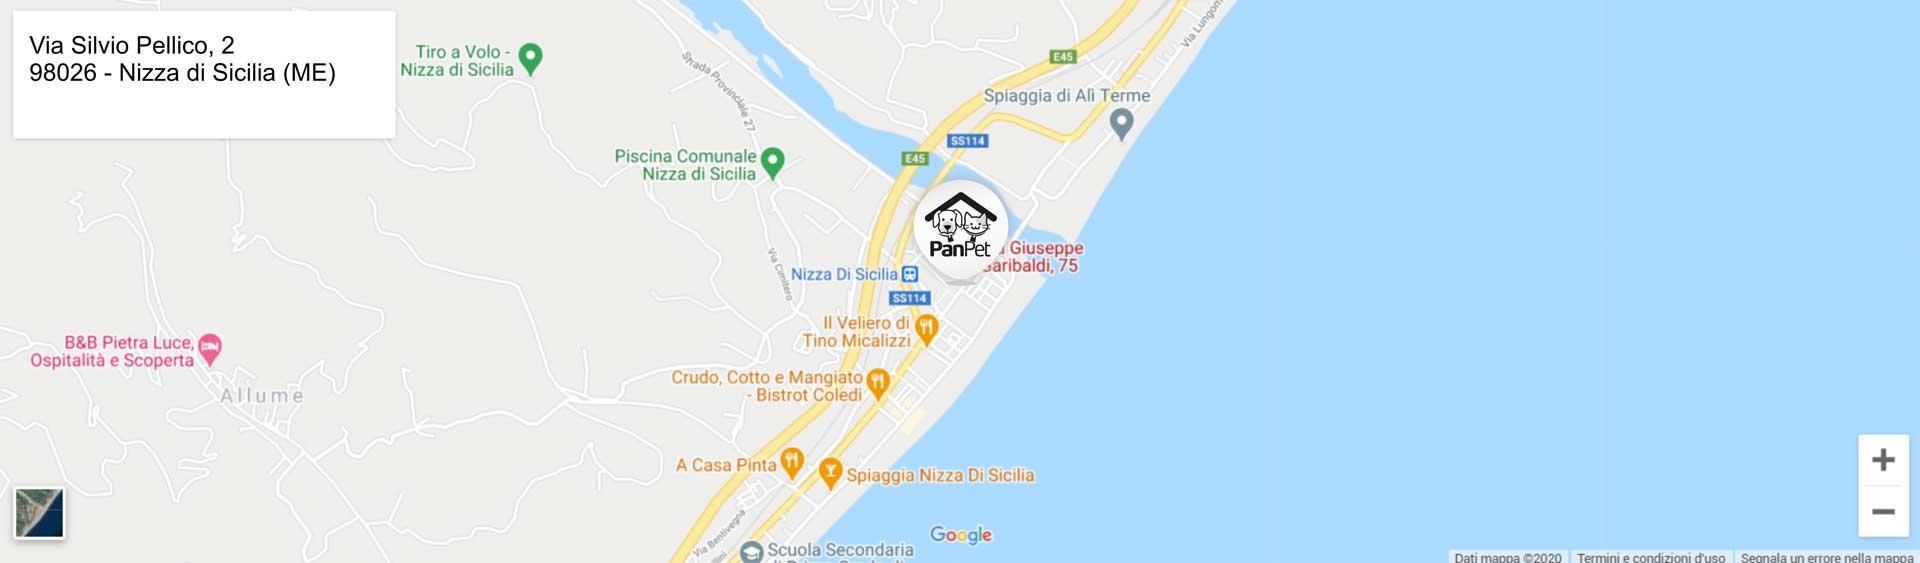 Contatti-mappa-PANPET